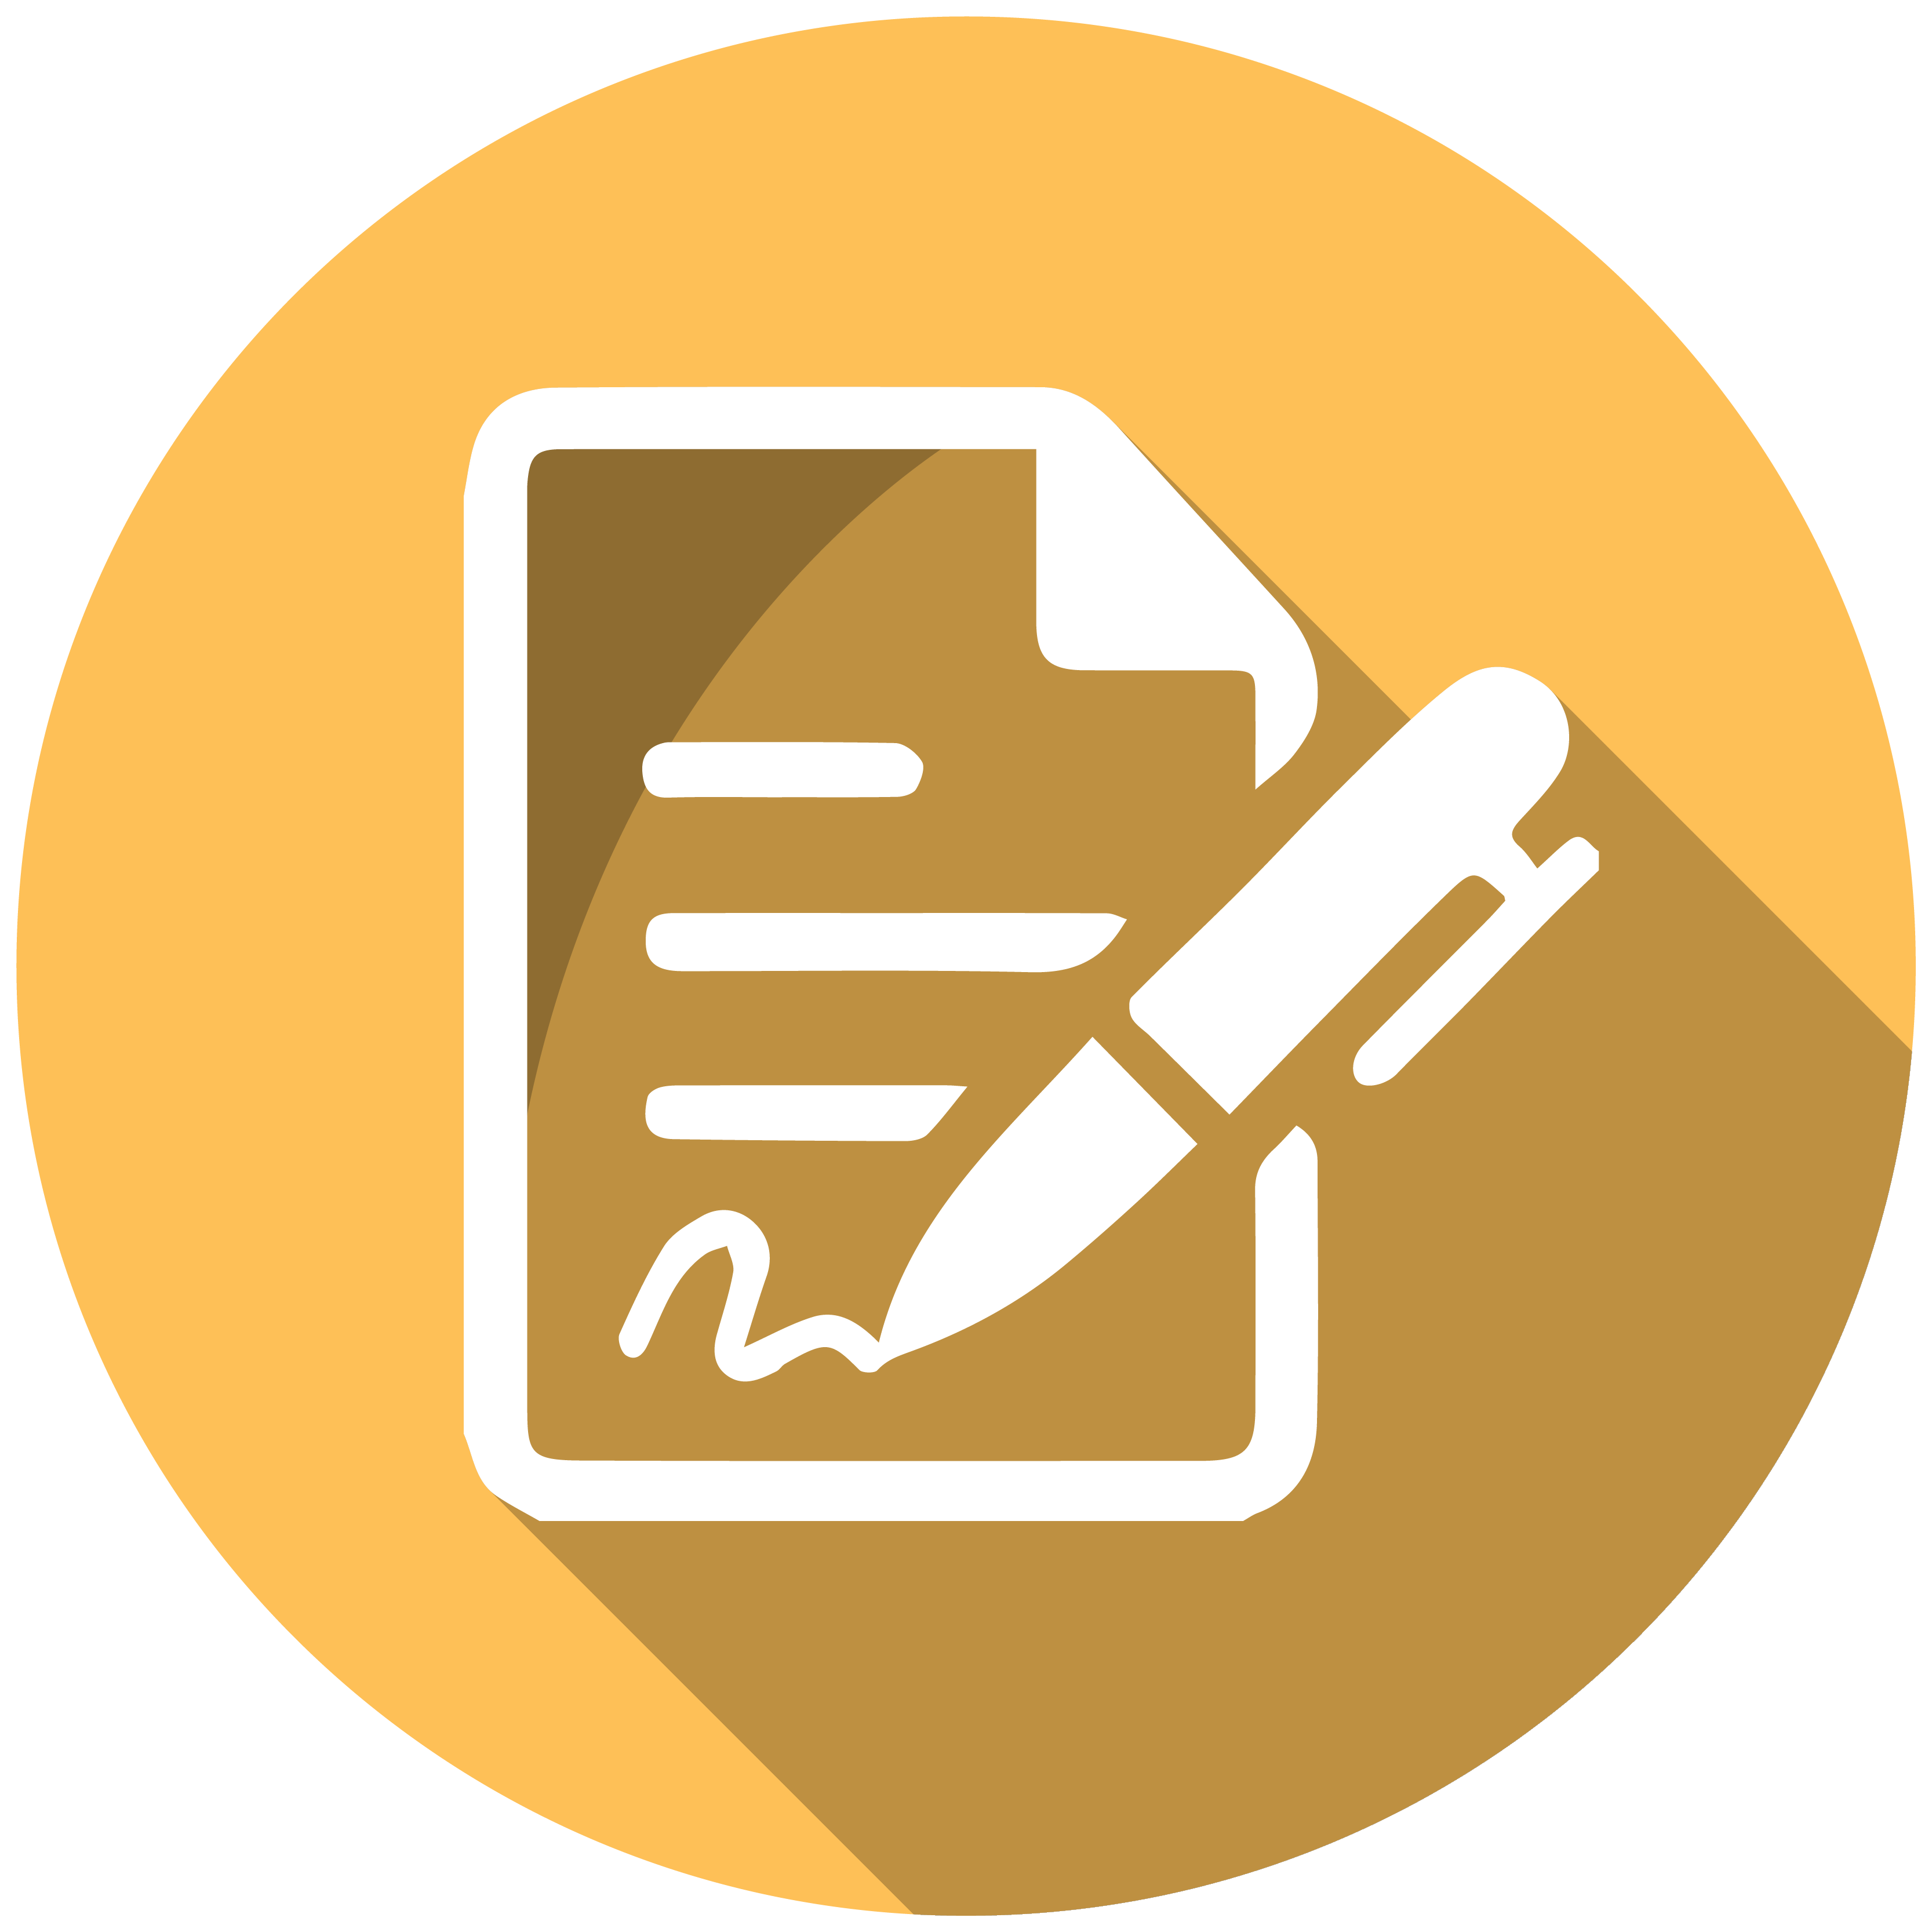 برترین پکیج کارآفرینی و پروژه شرکت فرآورده های لبنی مفید - دانلود فایل